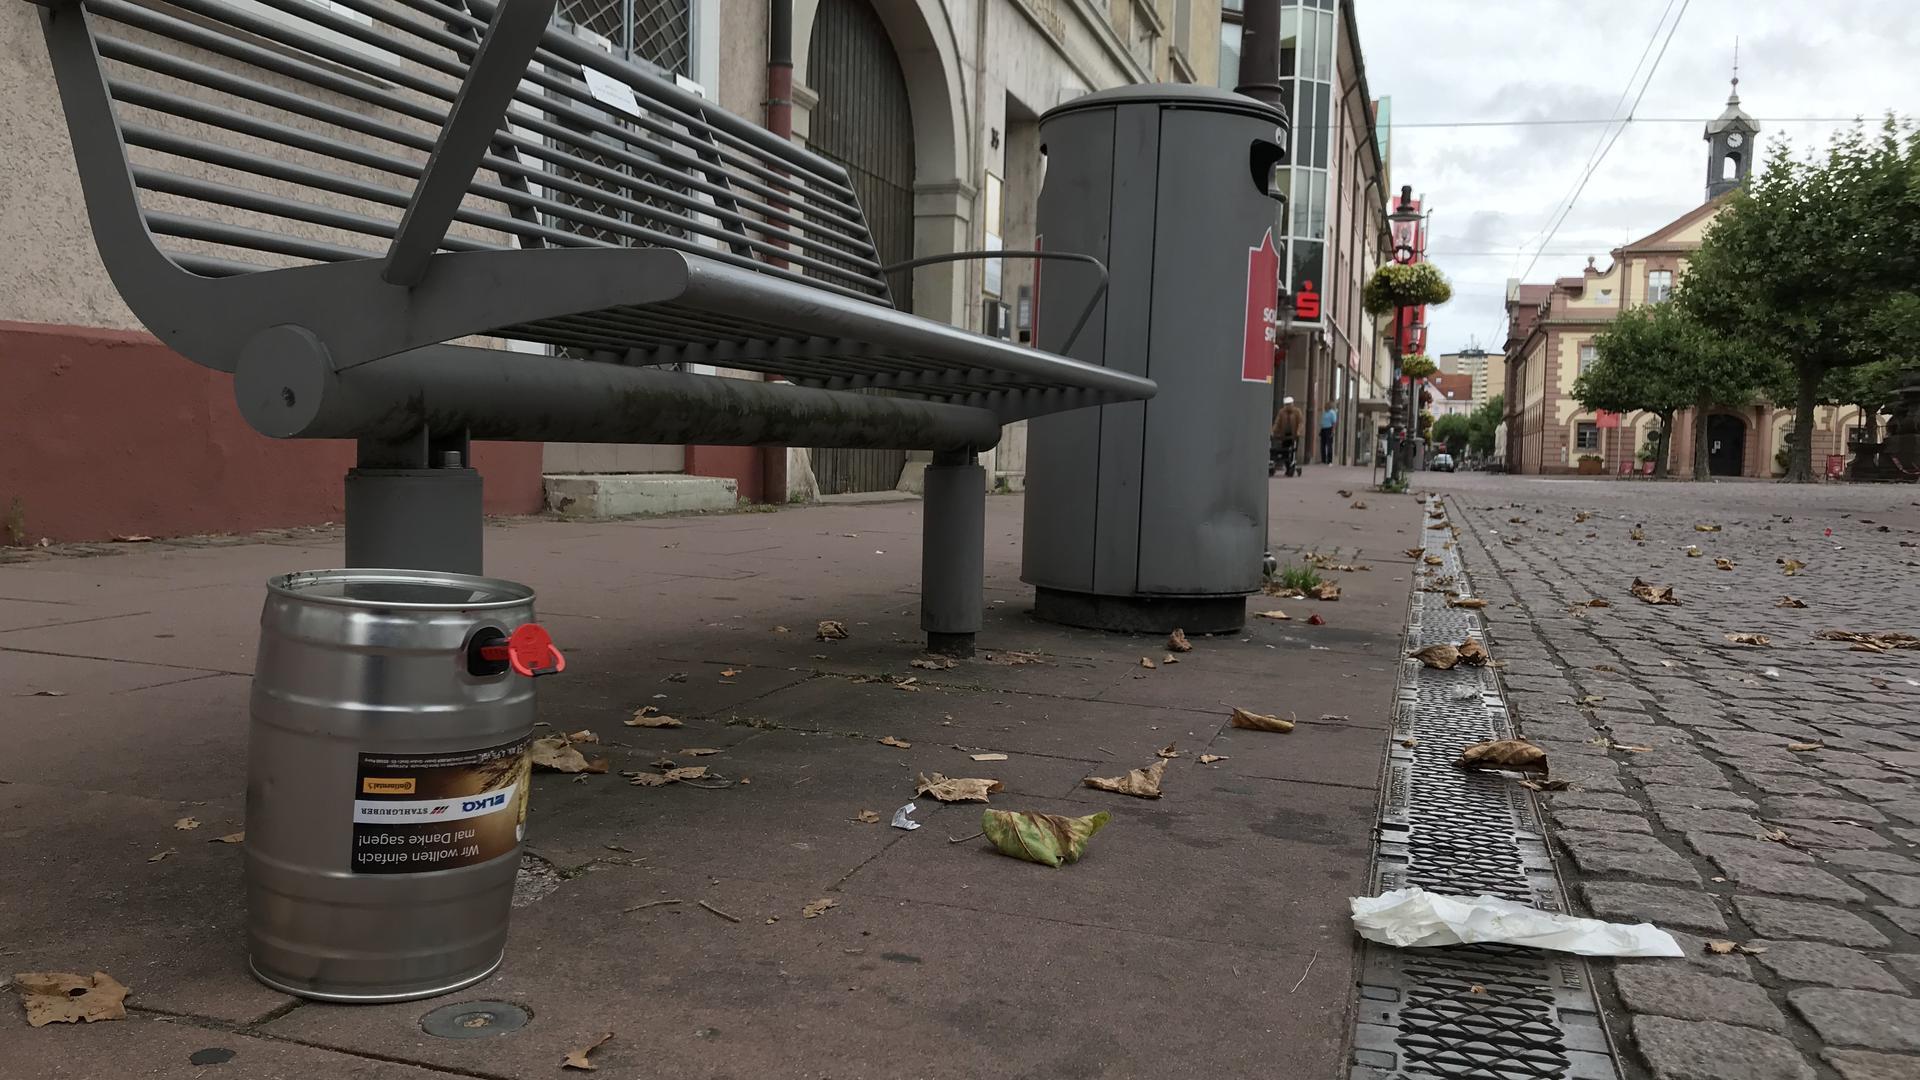 Müll an einer Sitzbank auf dem Rastatter Marktplatz, im Hintergrund das historische Rathaus